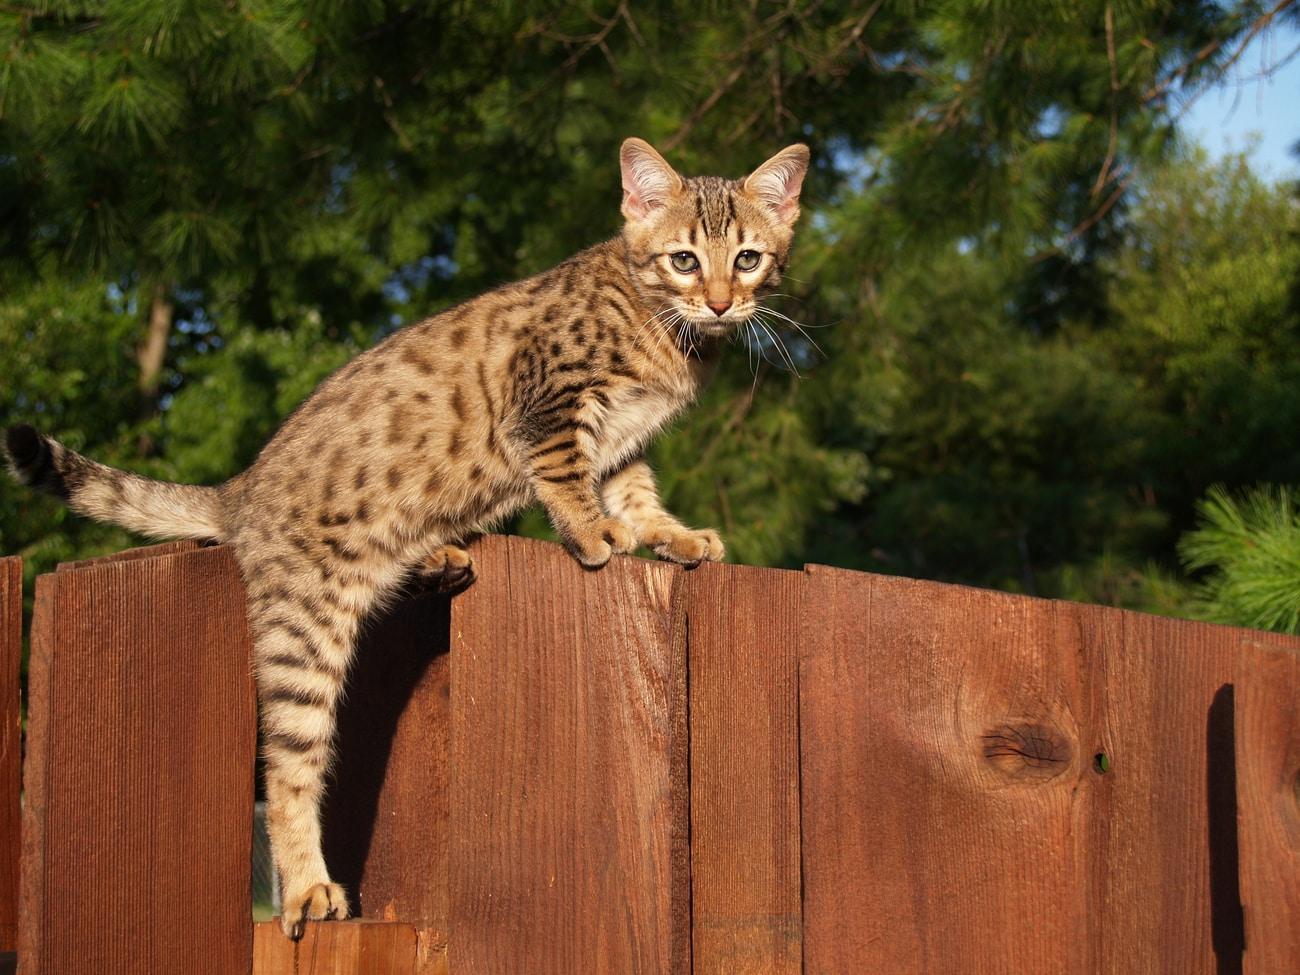 Savannah cat on fence